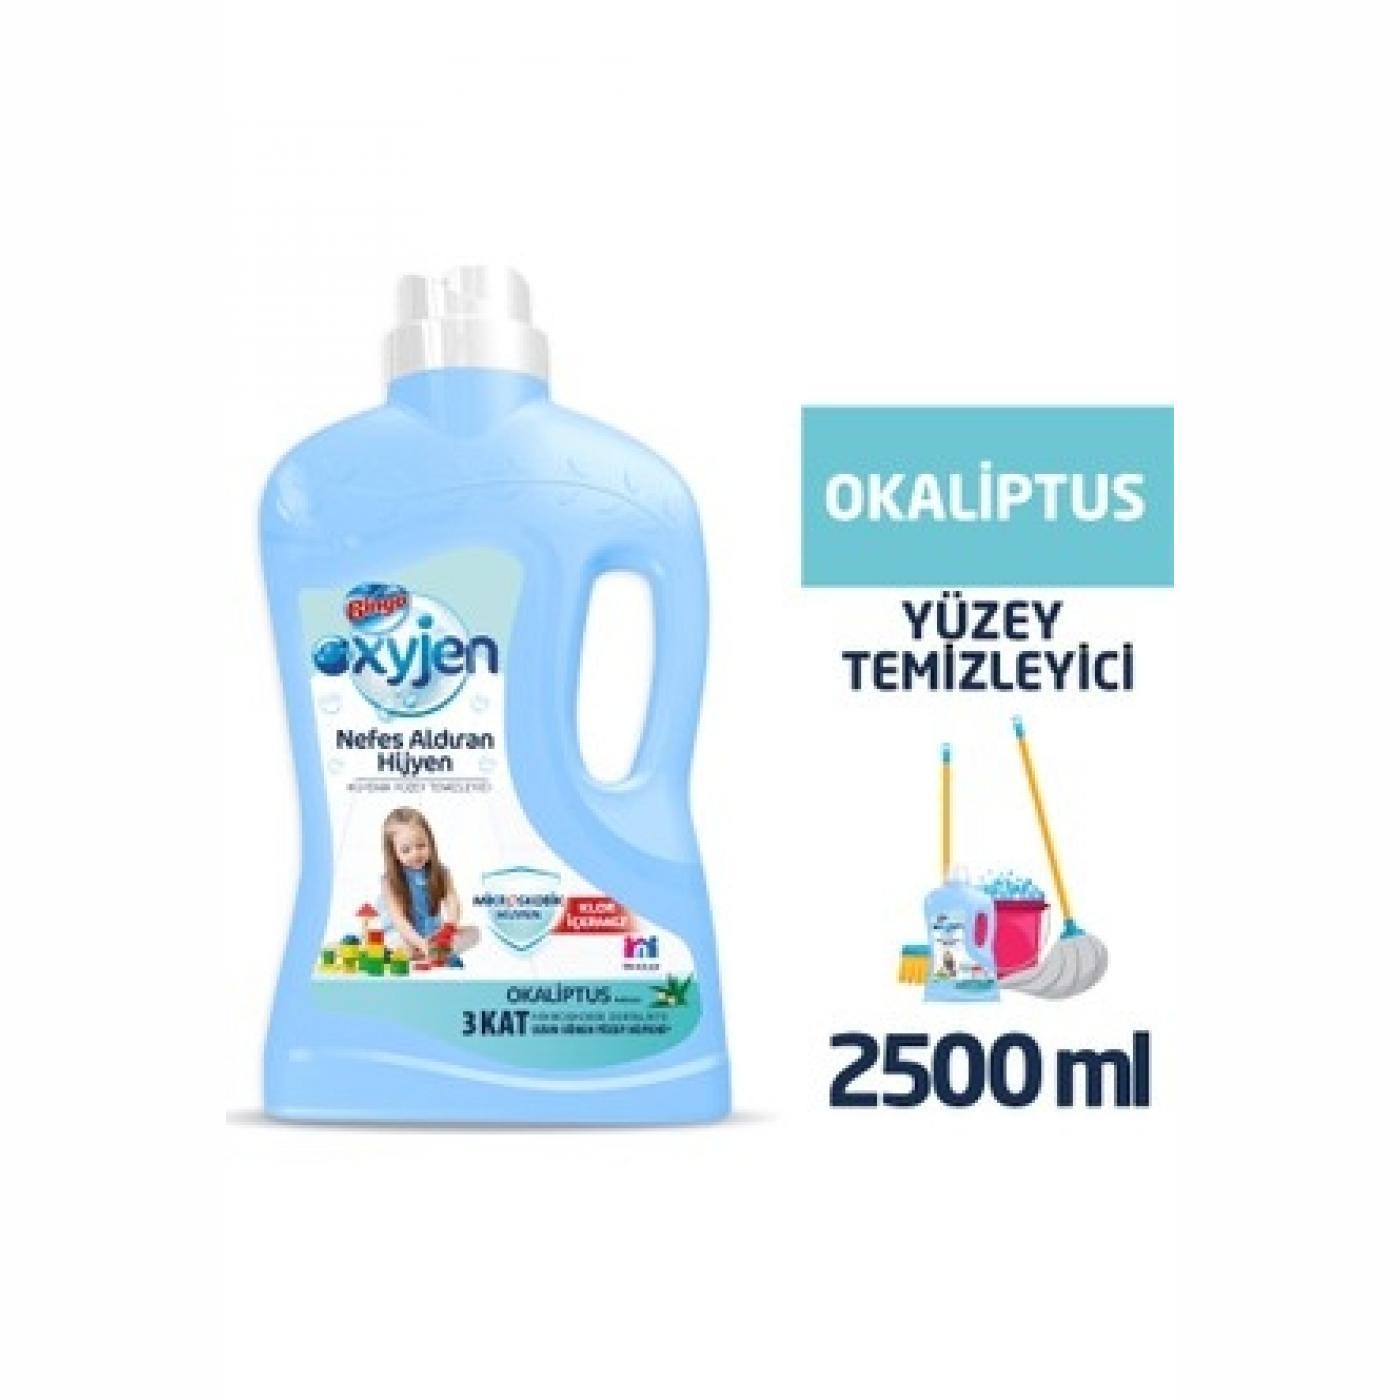 BİNGO OKSİJEN YÜZEY TEM. 2,5LT OKALİPUS